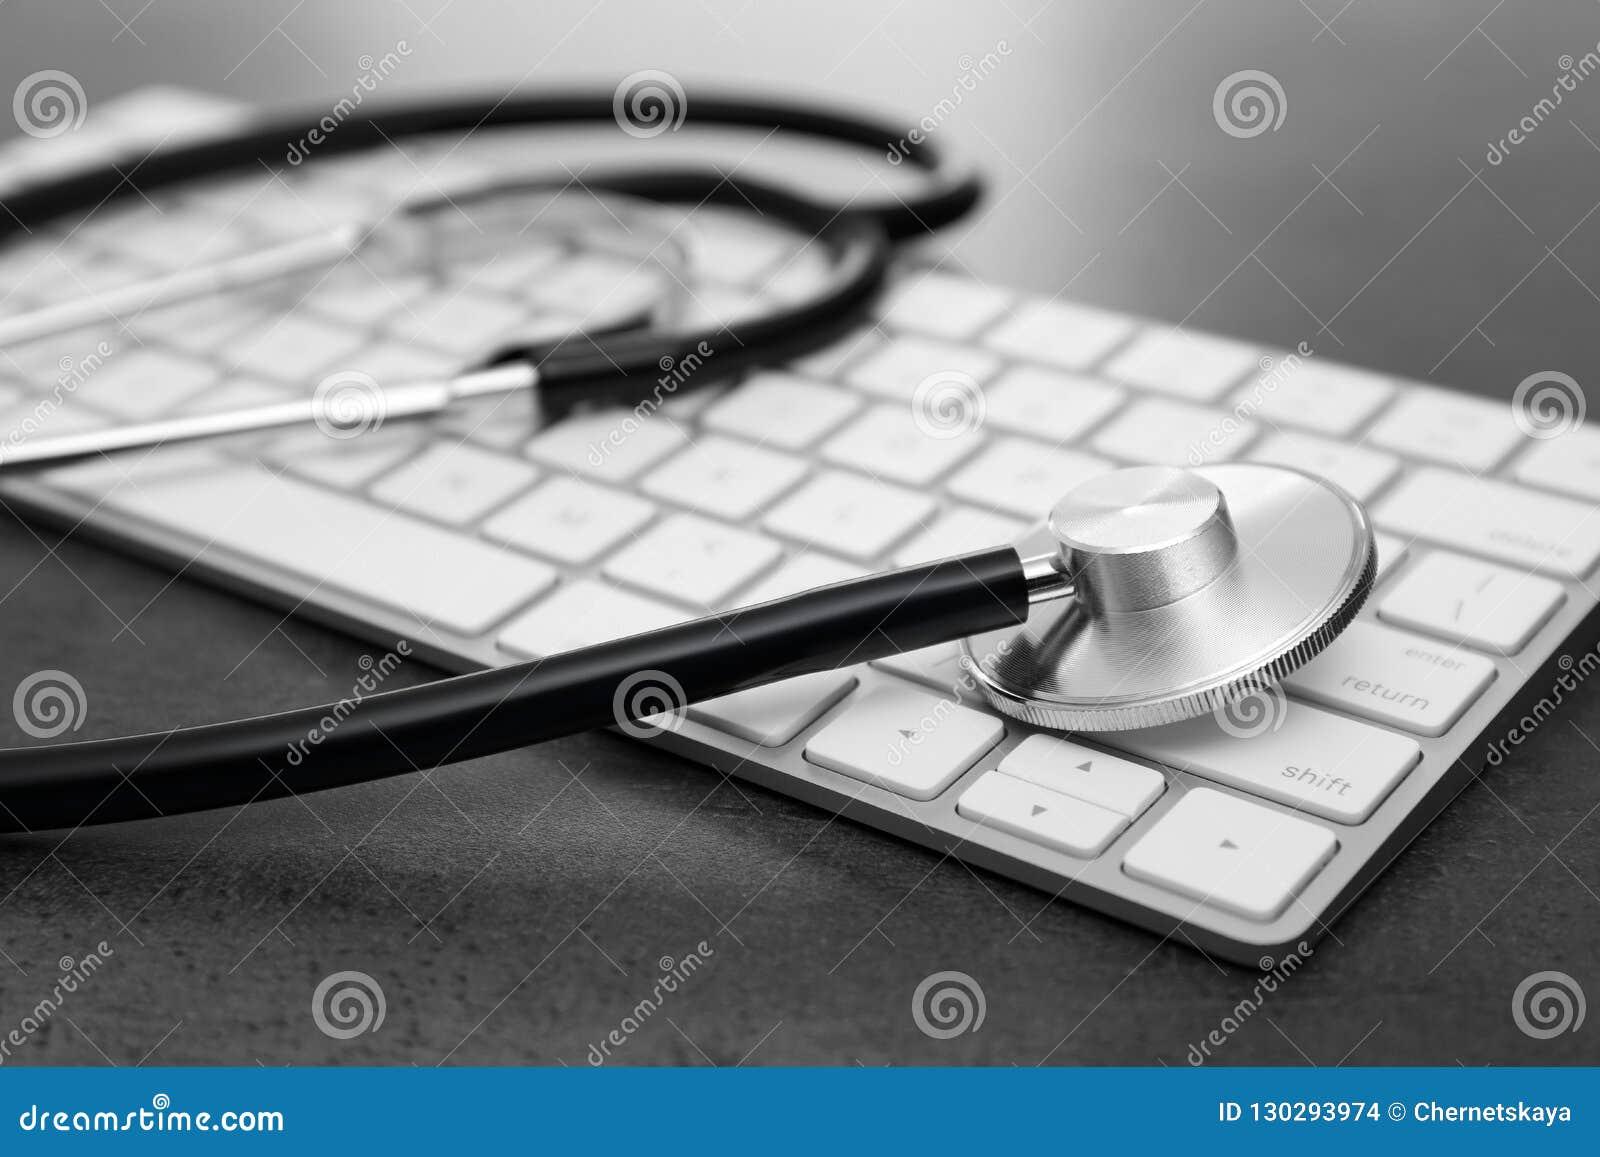 现代键盘和听诊器在桌上